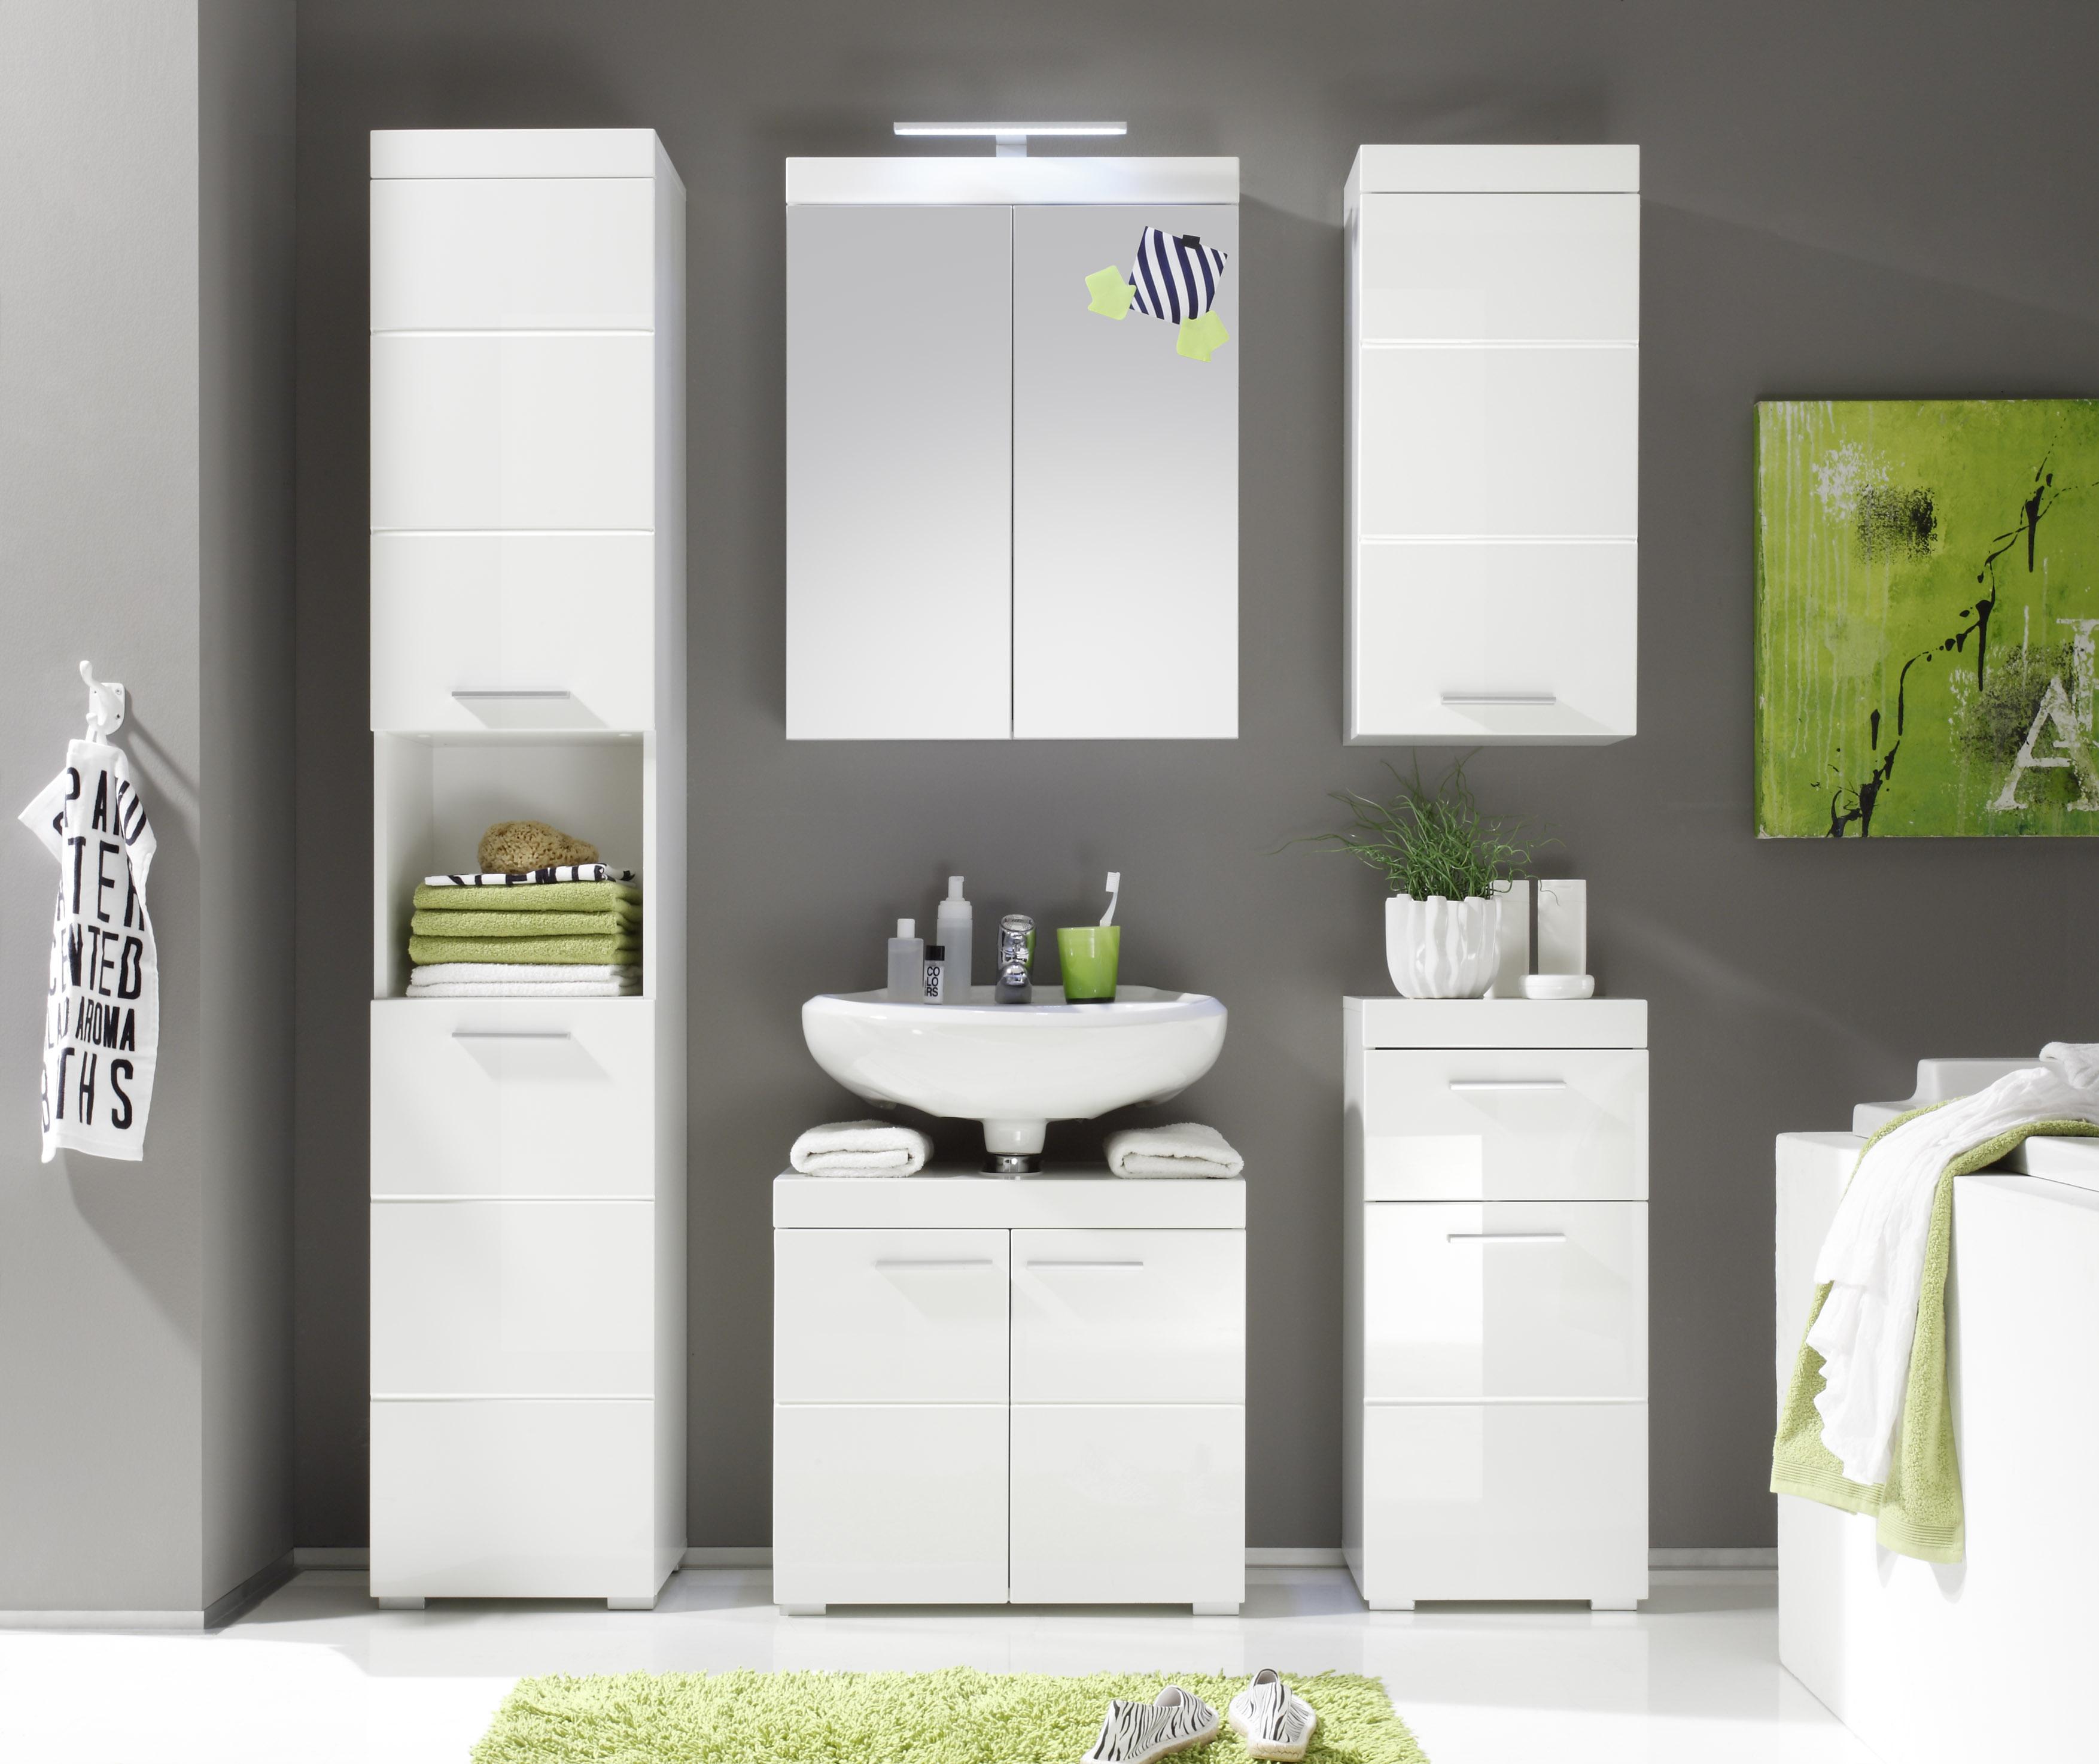 kosten badezimmer renovierung | bnbnews.co, Badezimmer ideen